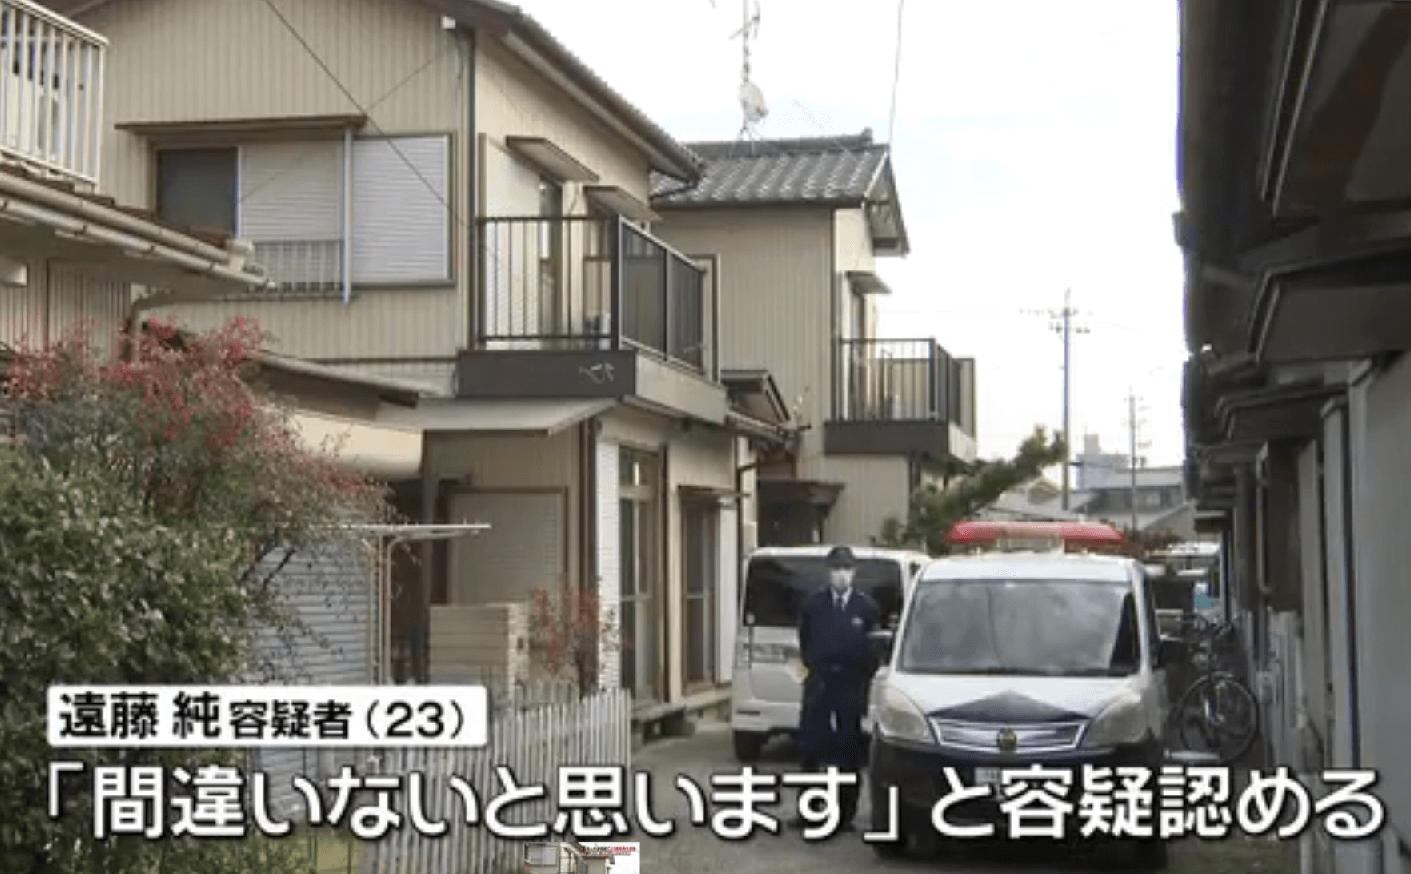 名古屋市港区の住宅で家族一家3人刺殺事件で不起訴処分